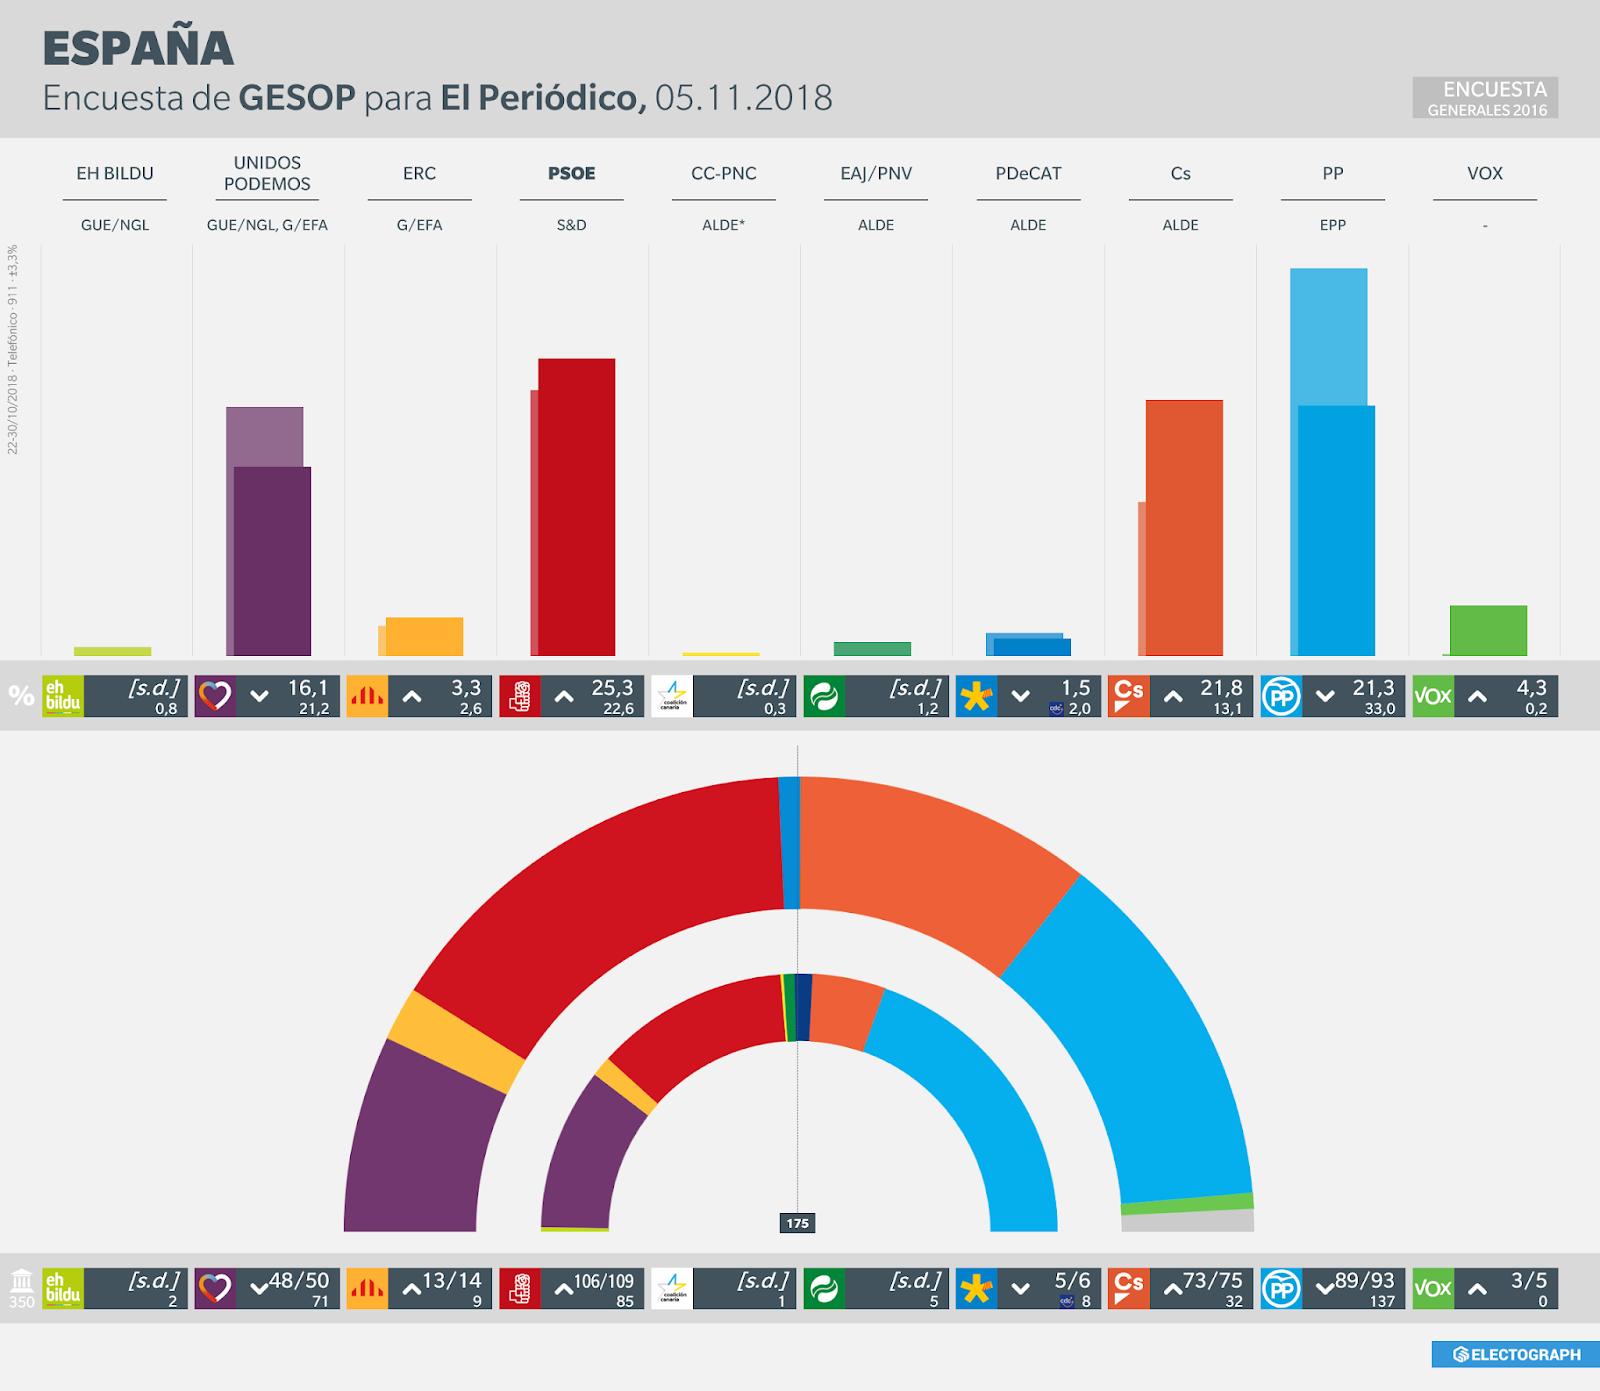 Gráfico de la encuesta para elecciones generales en España realizada por GESOP para El Periódico en octubre de 2018